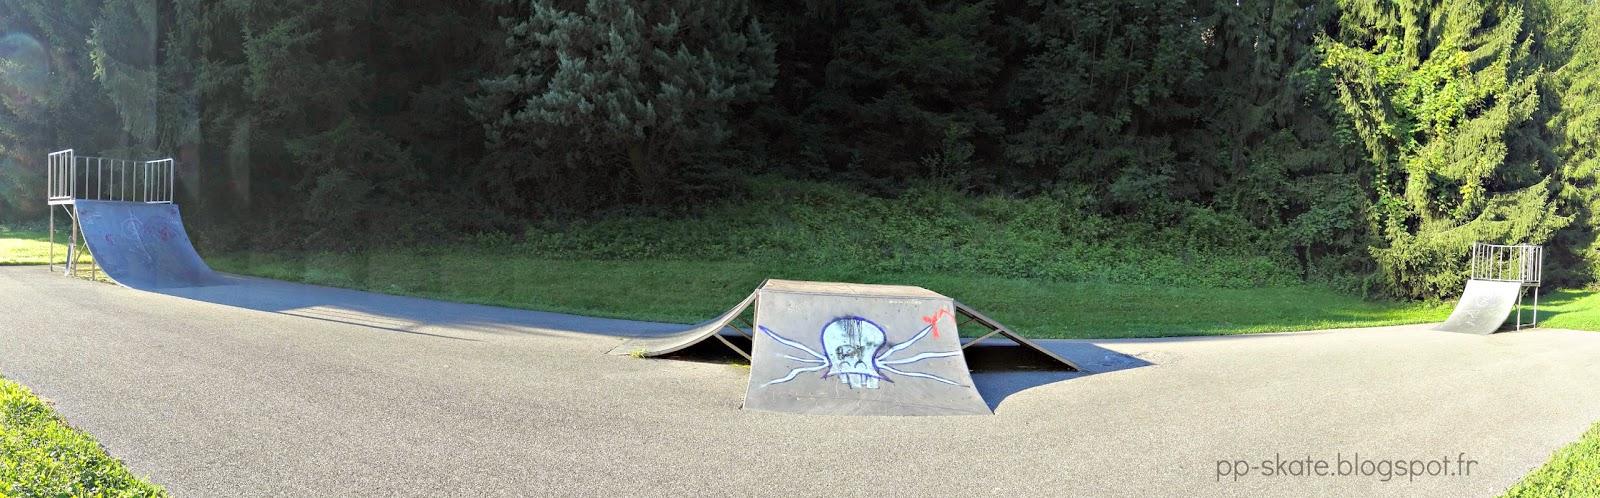 Skatepark montmélian